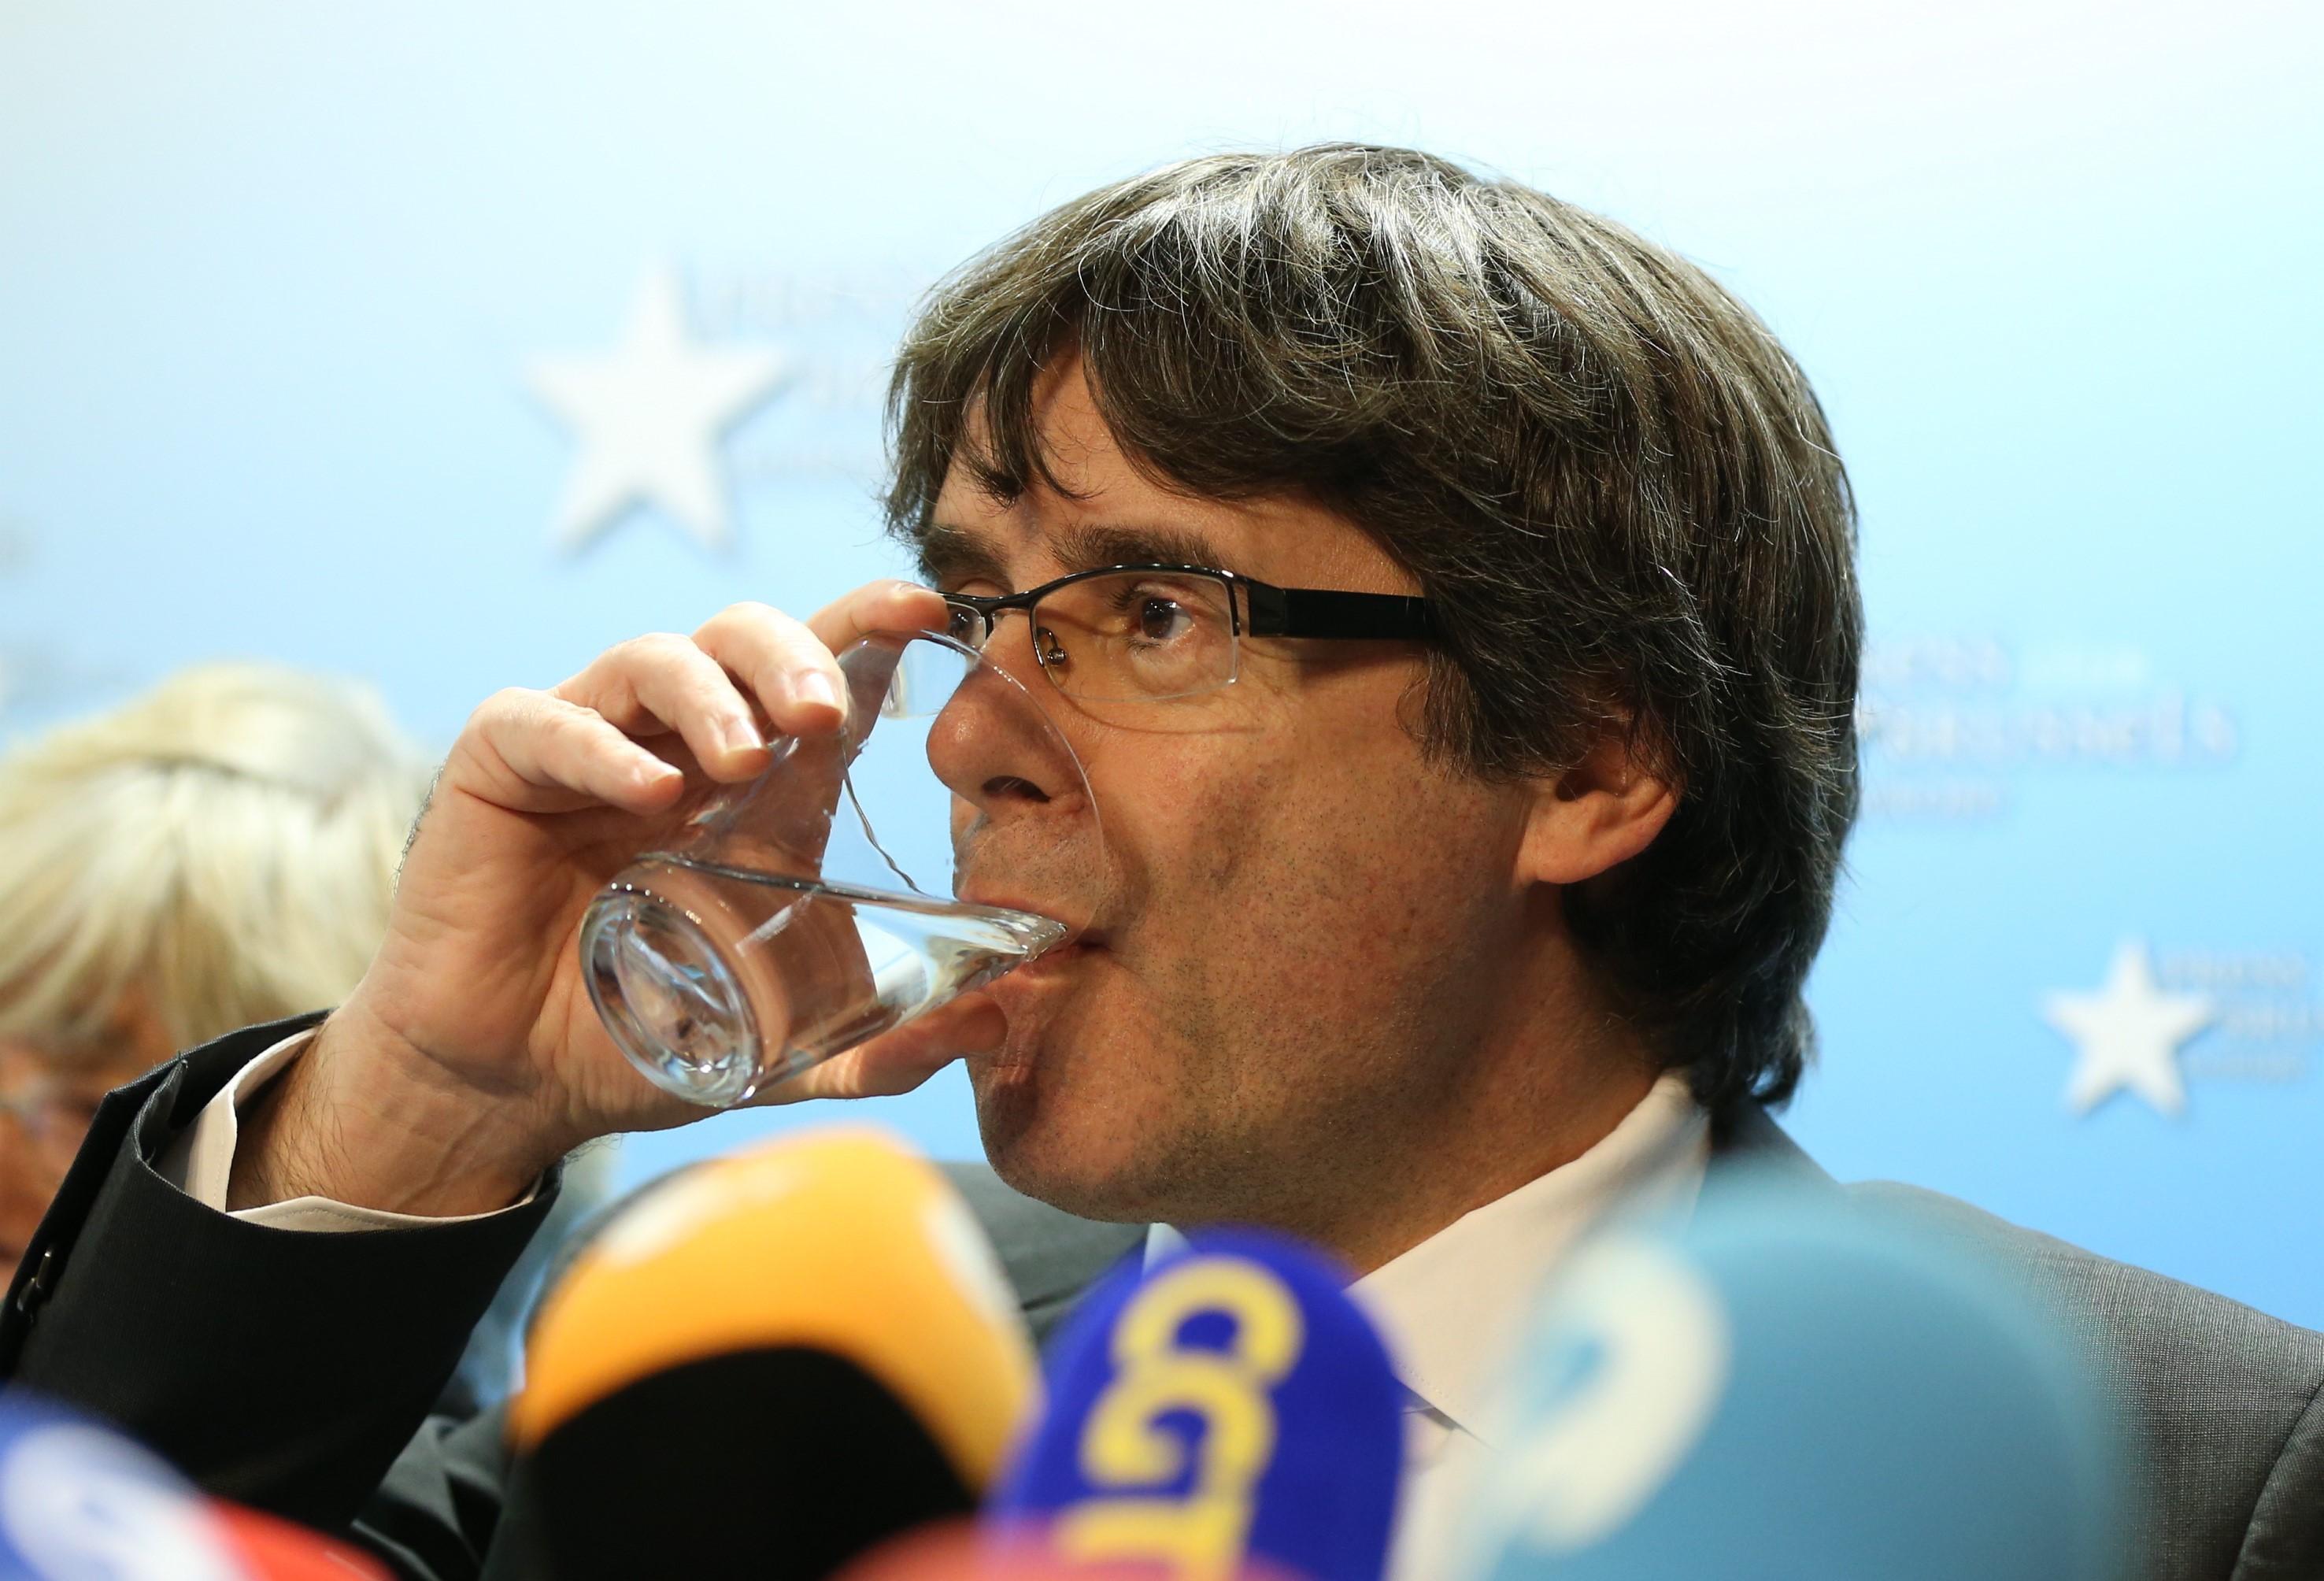 Justiţia din Belgia se va pronunţa pe 14 decembrie în privinţa extrădării lui Carles Puigdemont